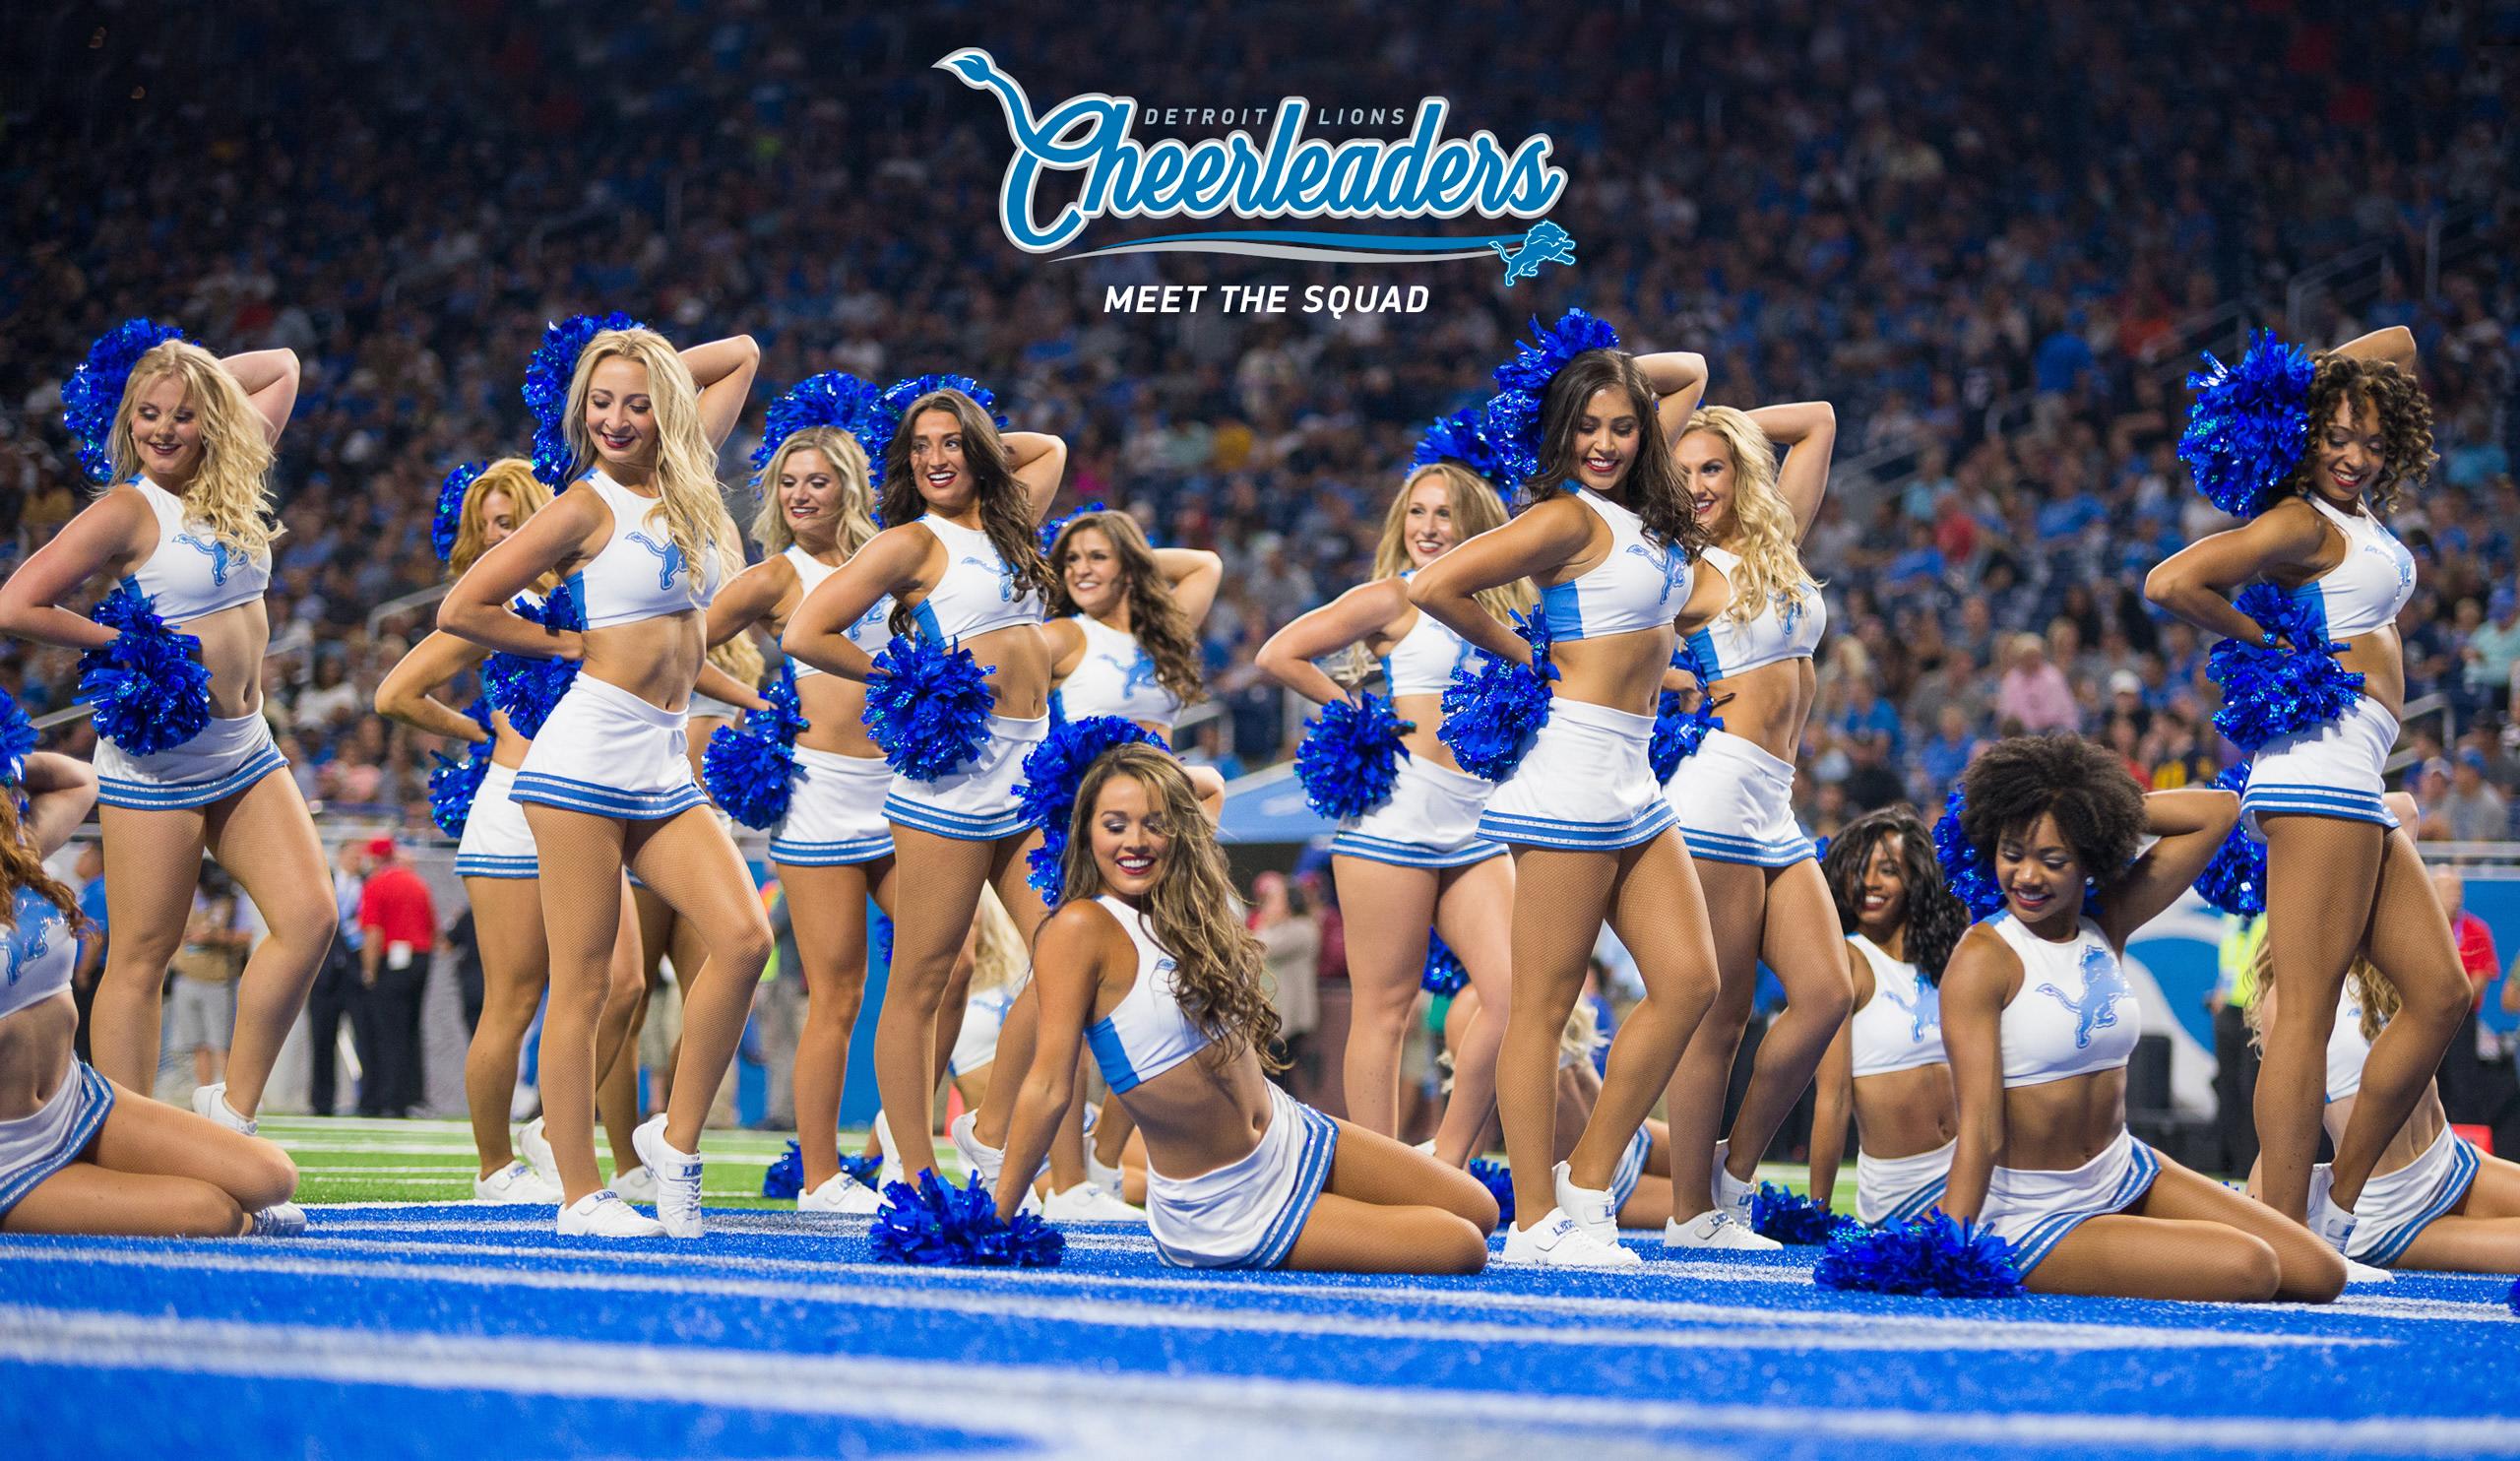 Detroit Lions Cheerleaders | Detroit Lions - DetroitLions com